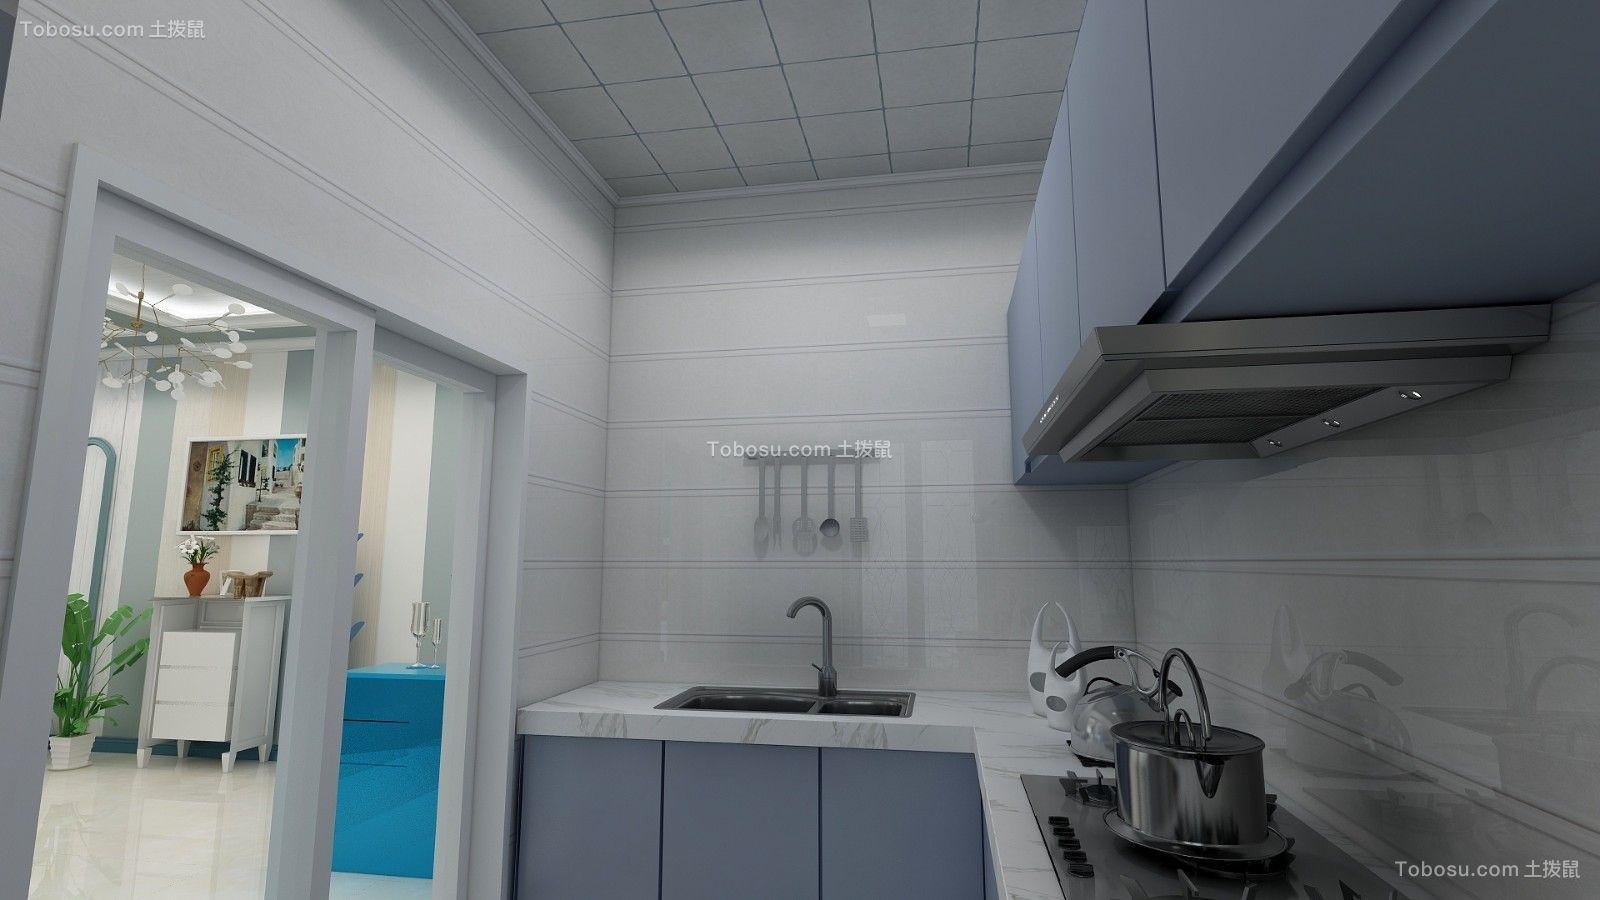 厨房蓝色橱柜地中海风格装修设计图片